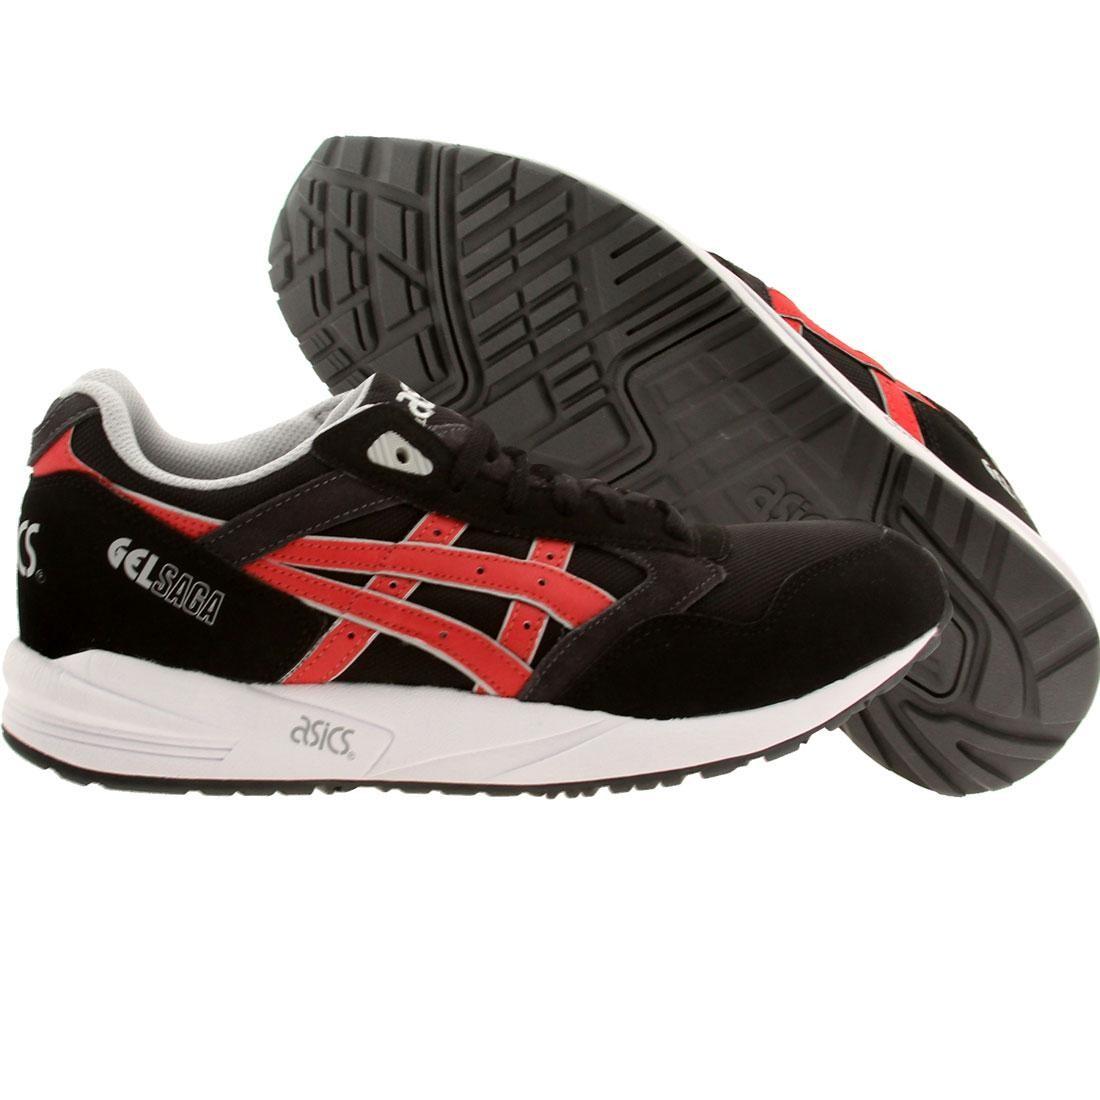 【海外限定】アシックス メンズ靴 スニーカー 【 ASICS TIGER MEN GELSAGA BLACK BURGUNDY 】